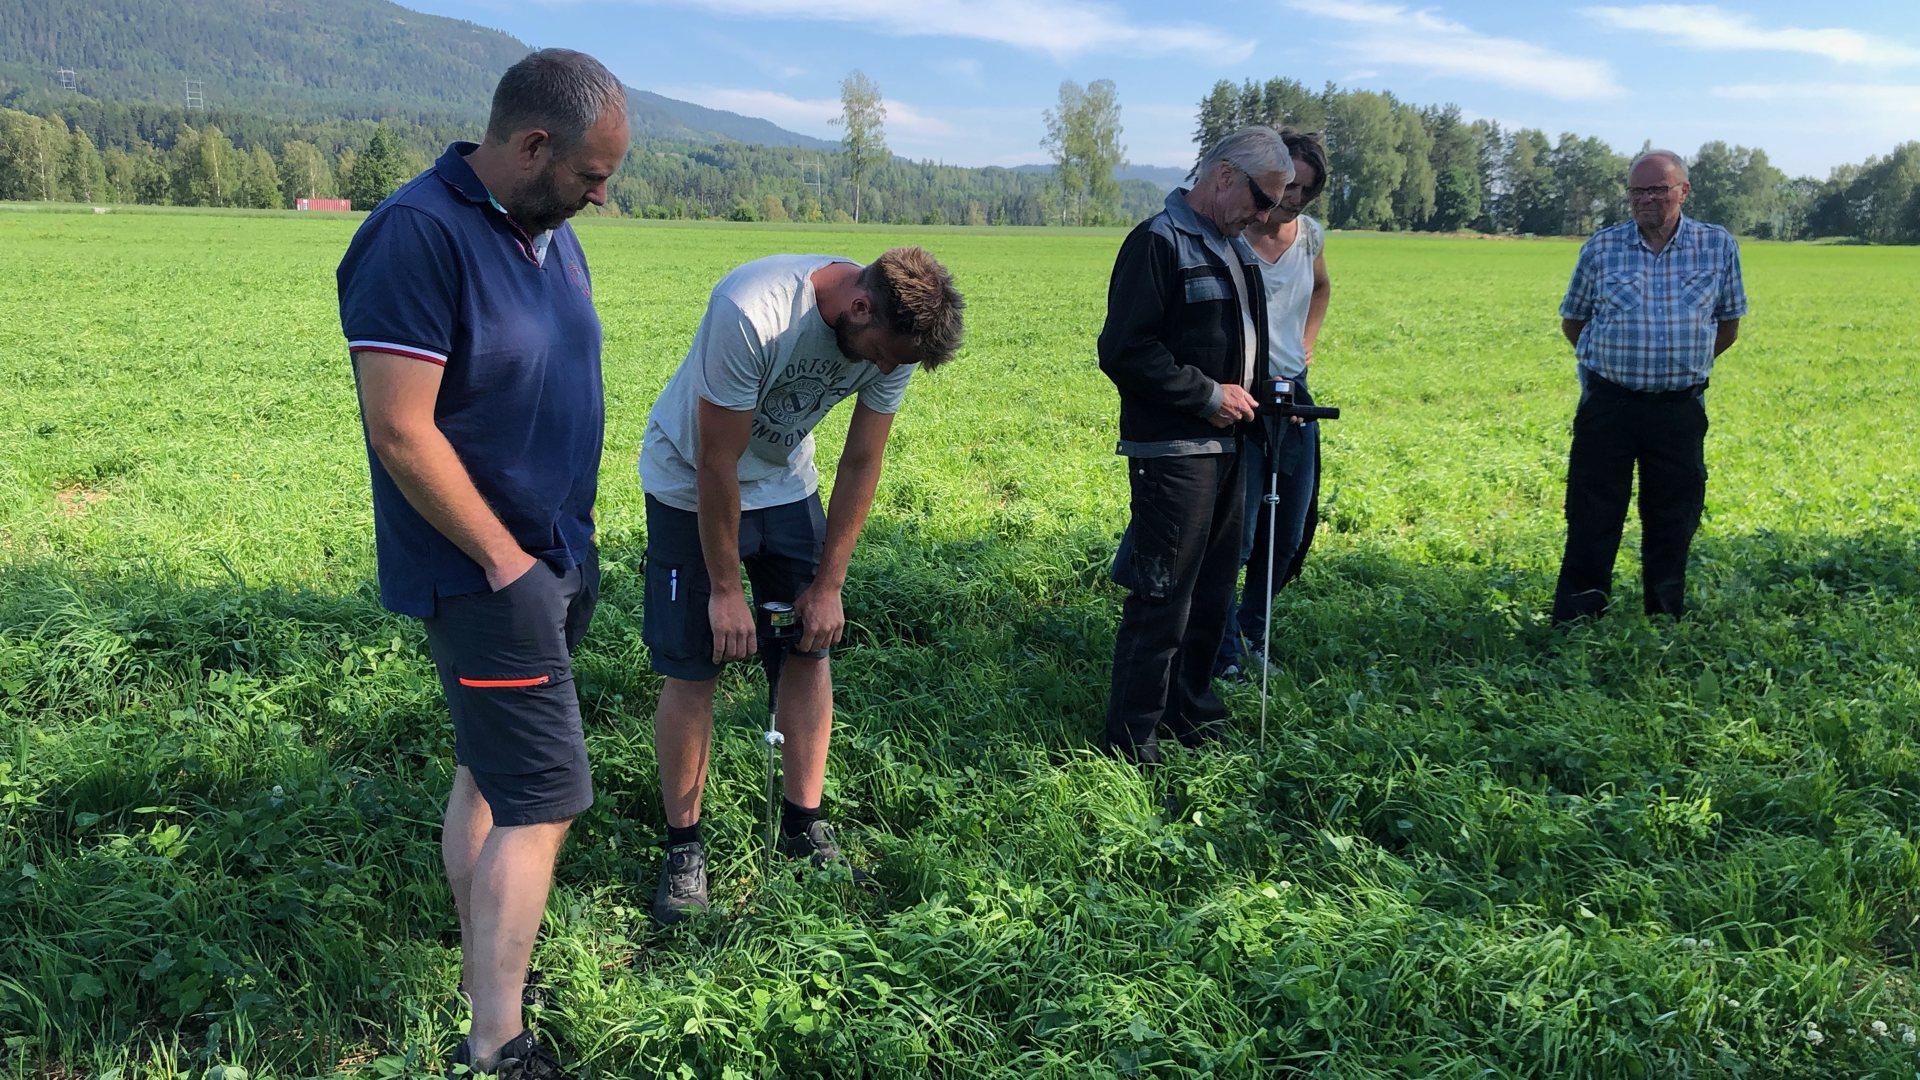 Lokale bønder med i stort forskningsprosjekt. Målet er å skape et mer bærekraftig og grønt landbruk